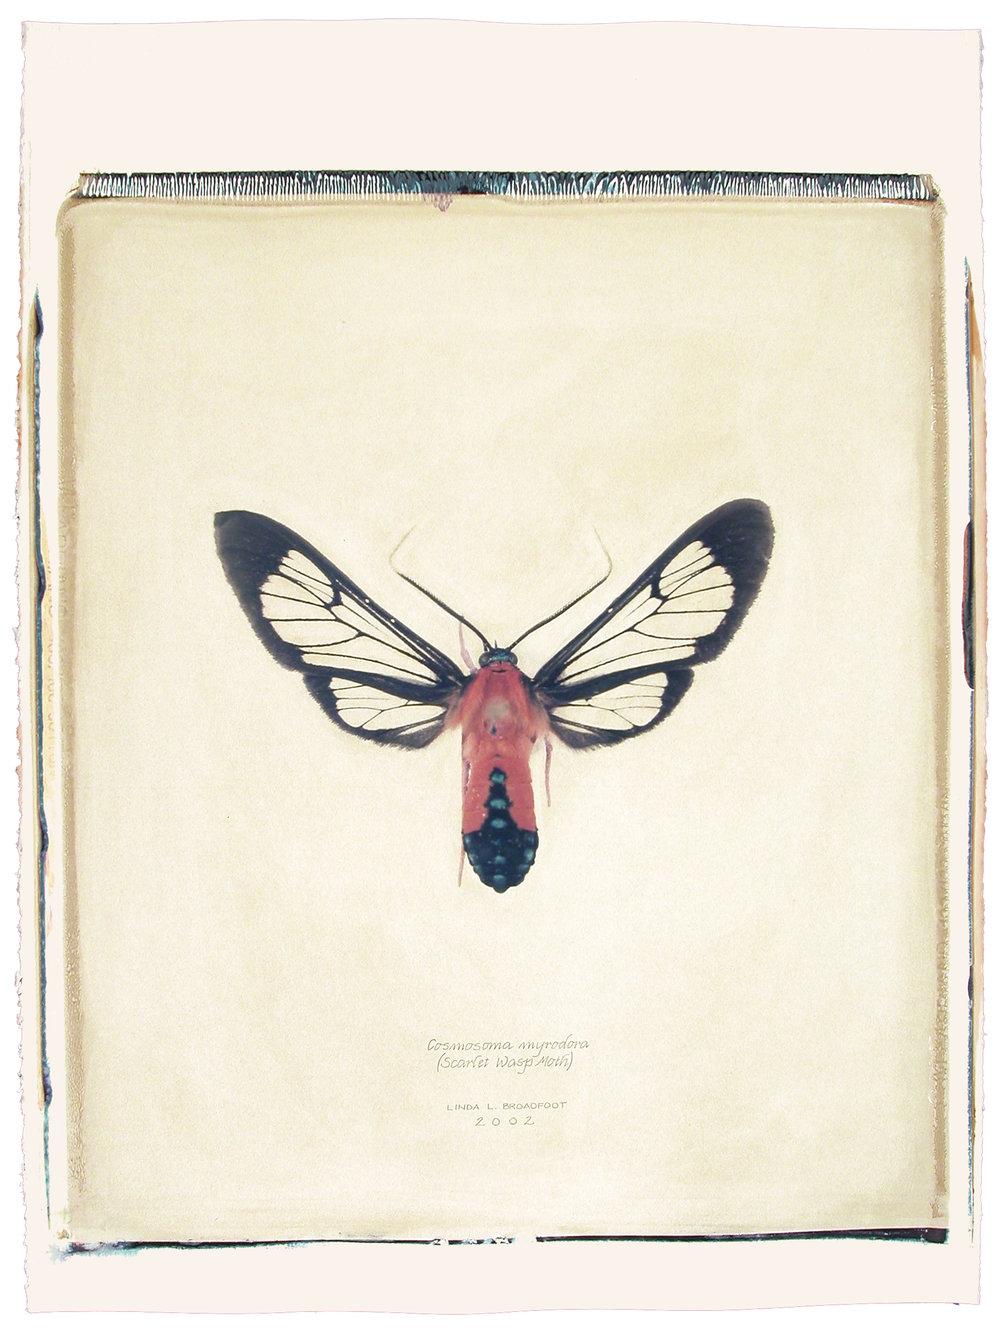 Cosmosoma myrodora  (Scarlet Wasp Moth), 2002